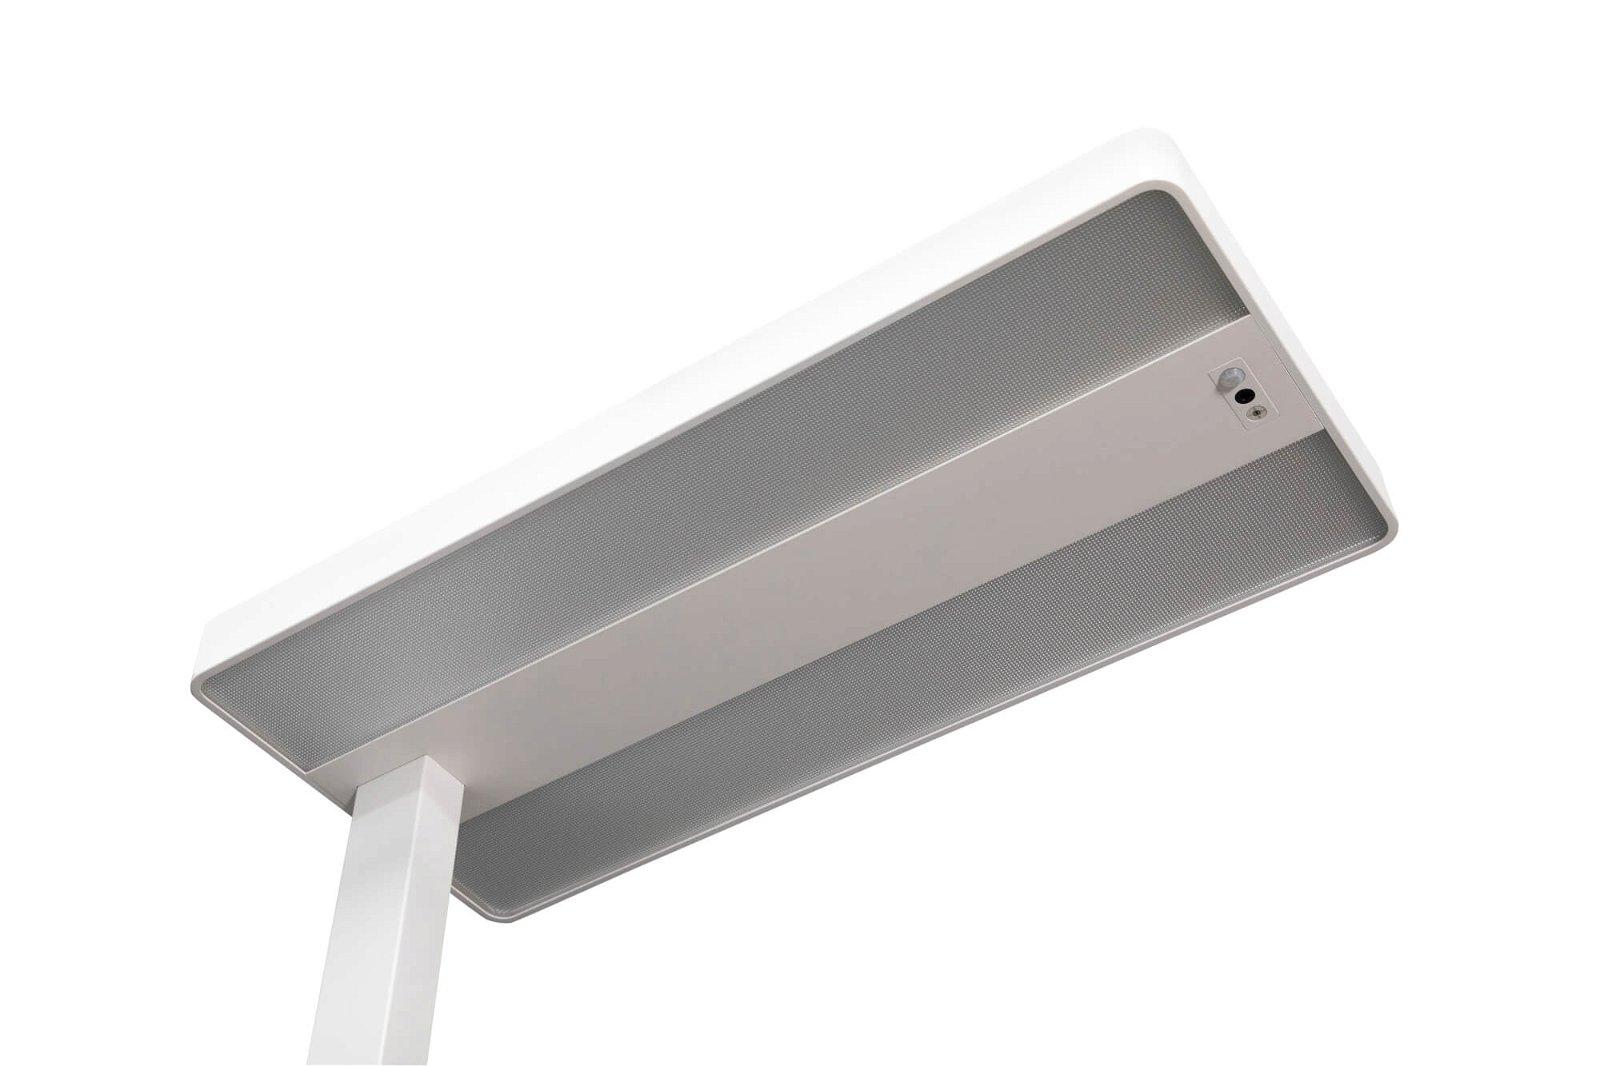 LED-Standleuchte MAULjuvis sensor, dimmbar, weiß